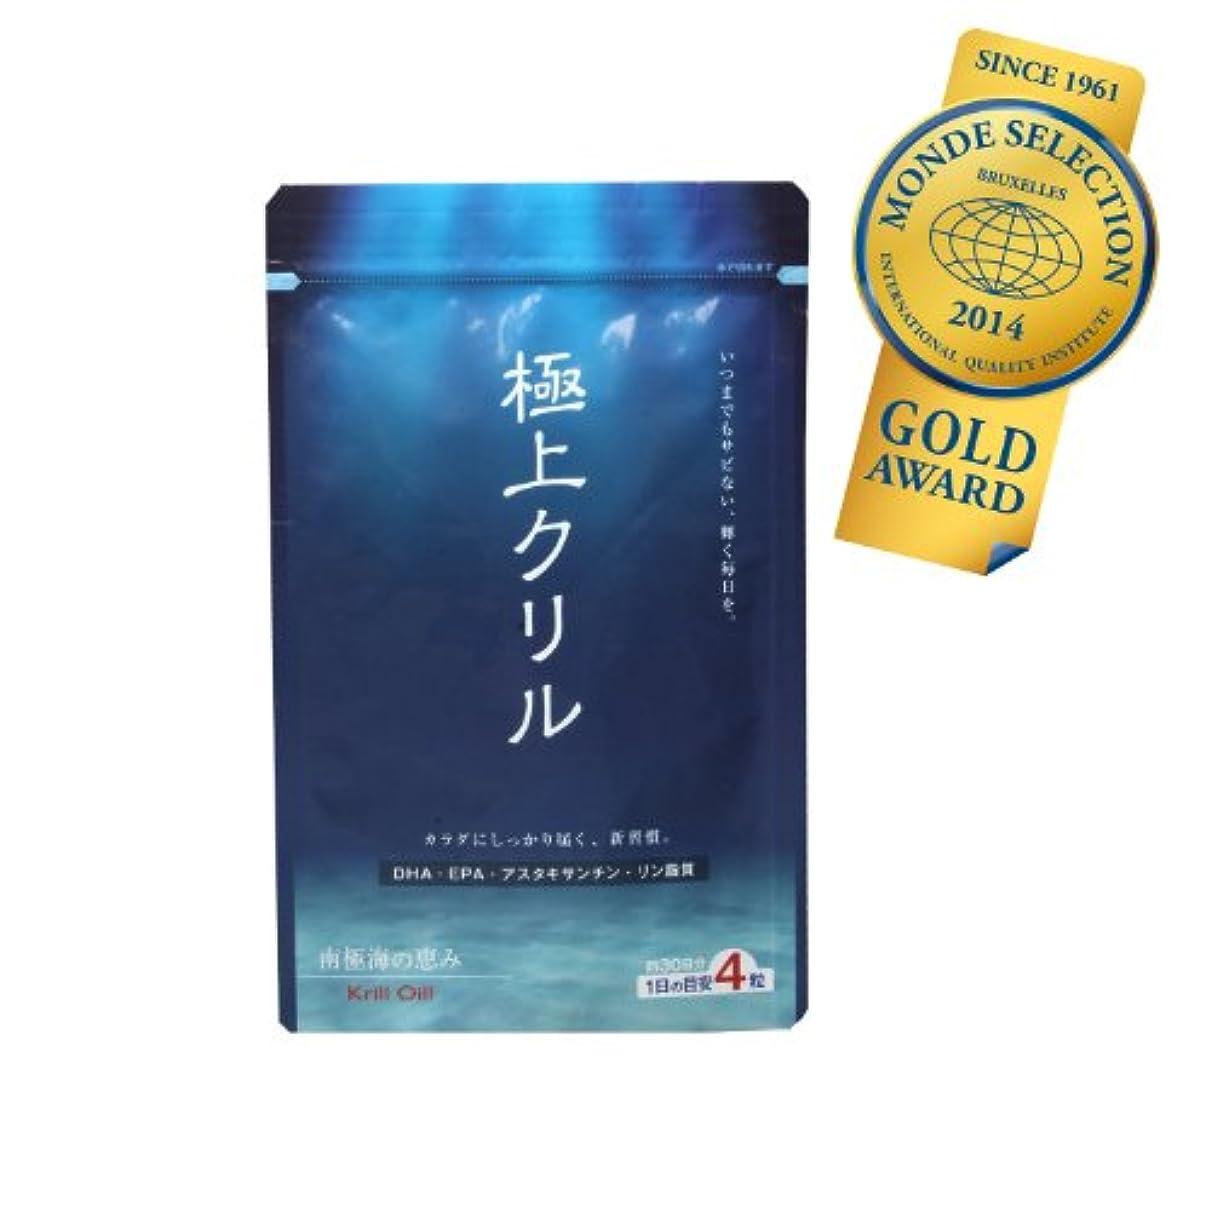 くるくる命令粘土極上クリル120粒 100%クリルオイル (約1ヶ月分) 日本製×5袋セット